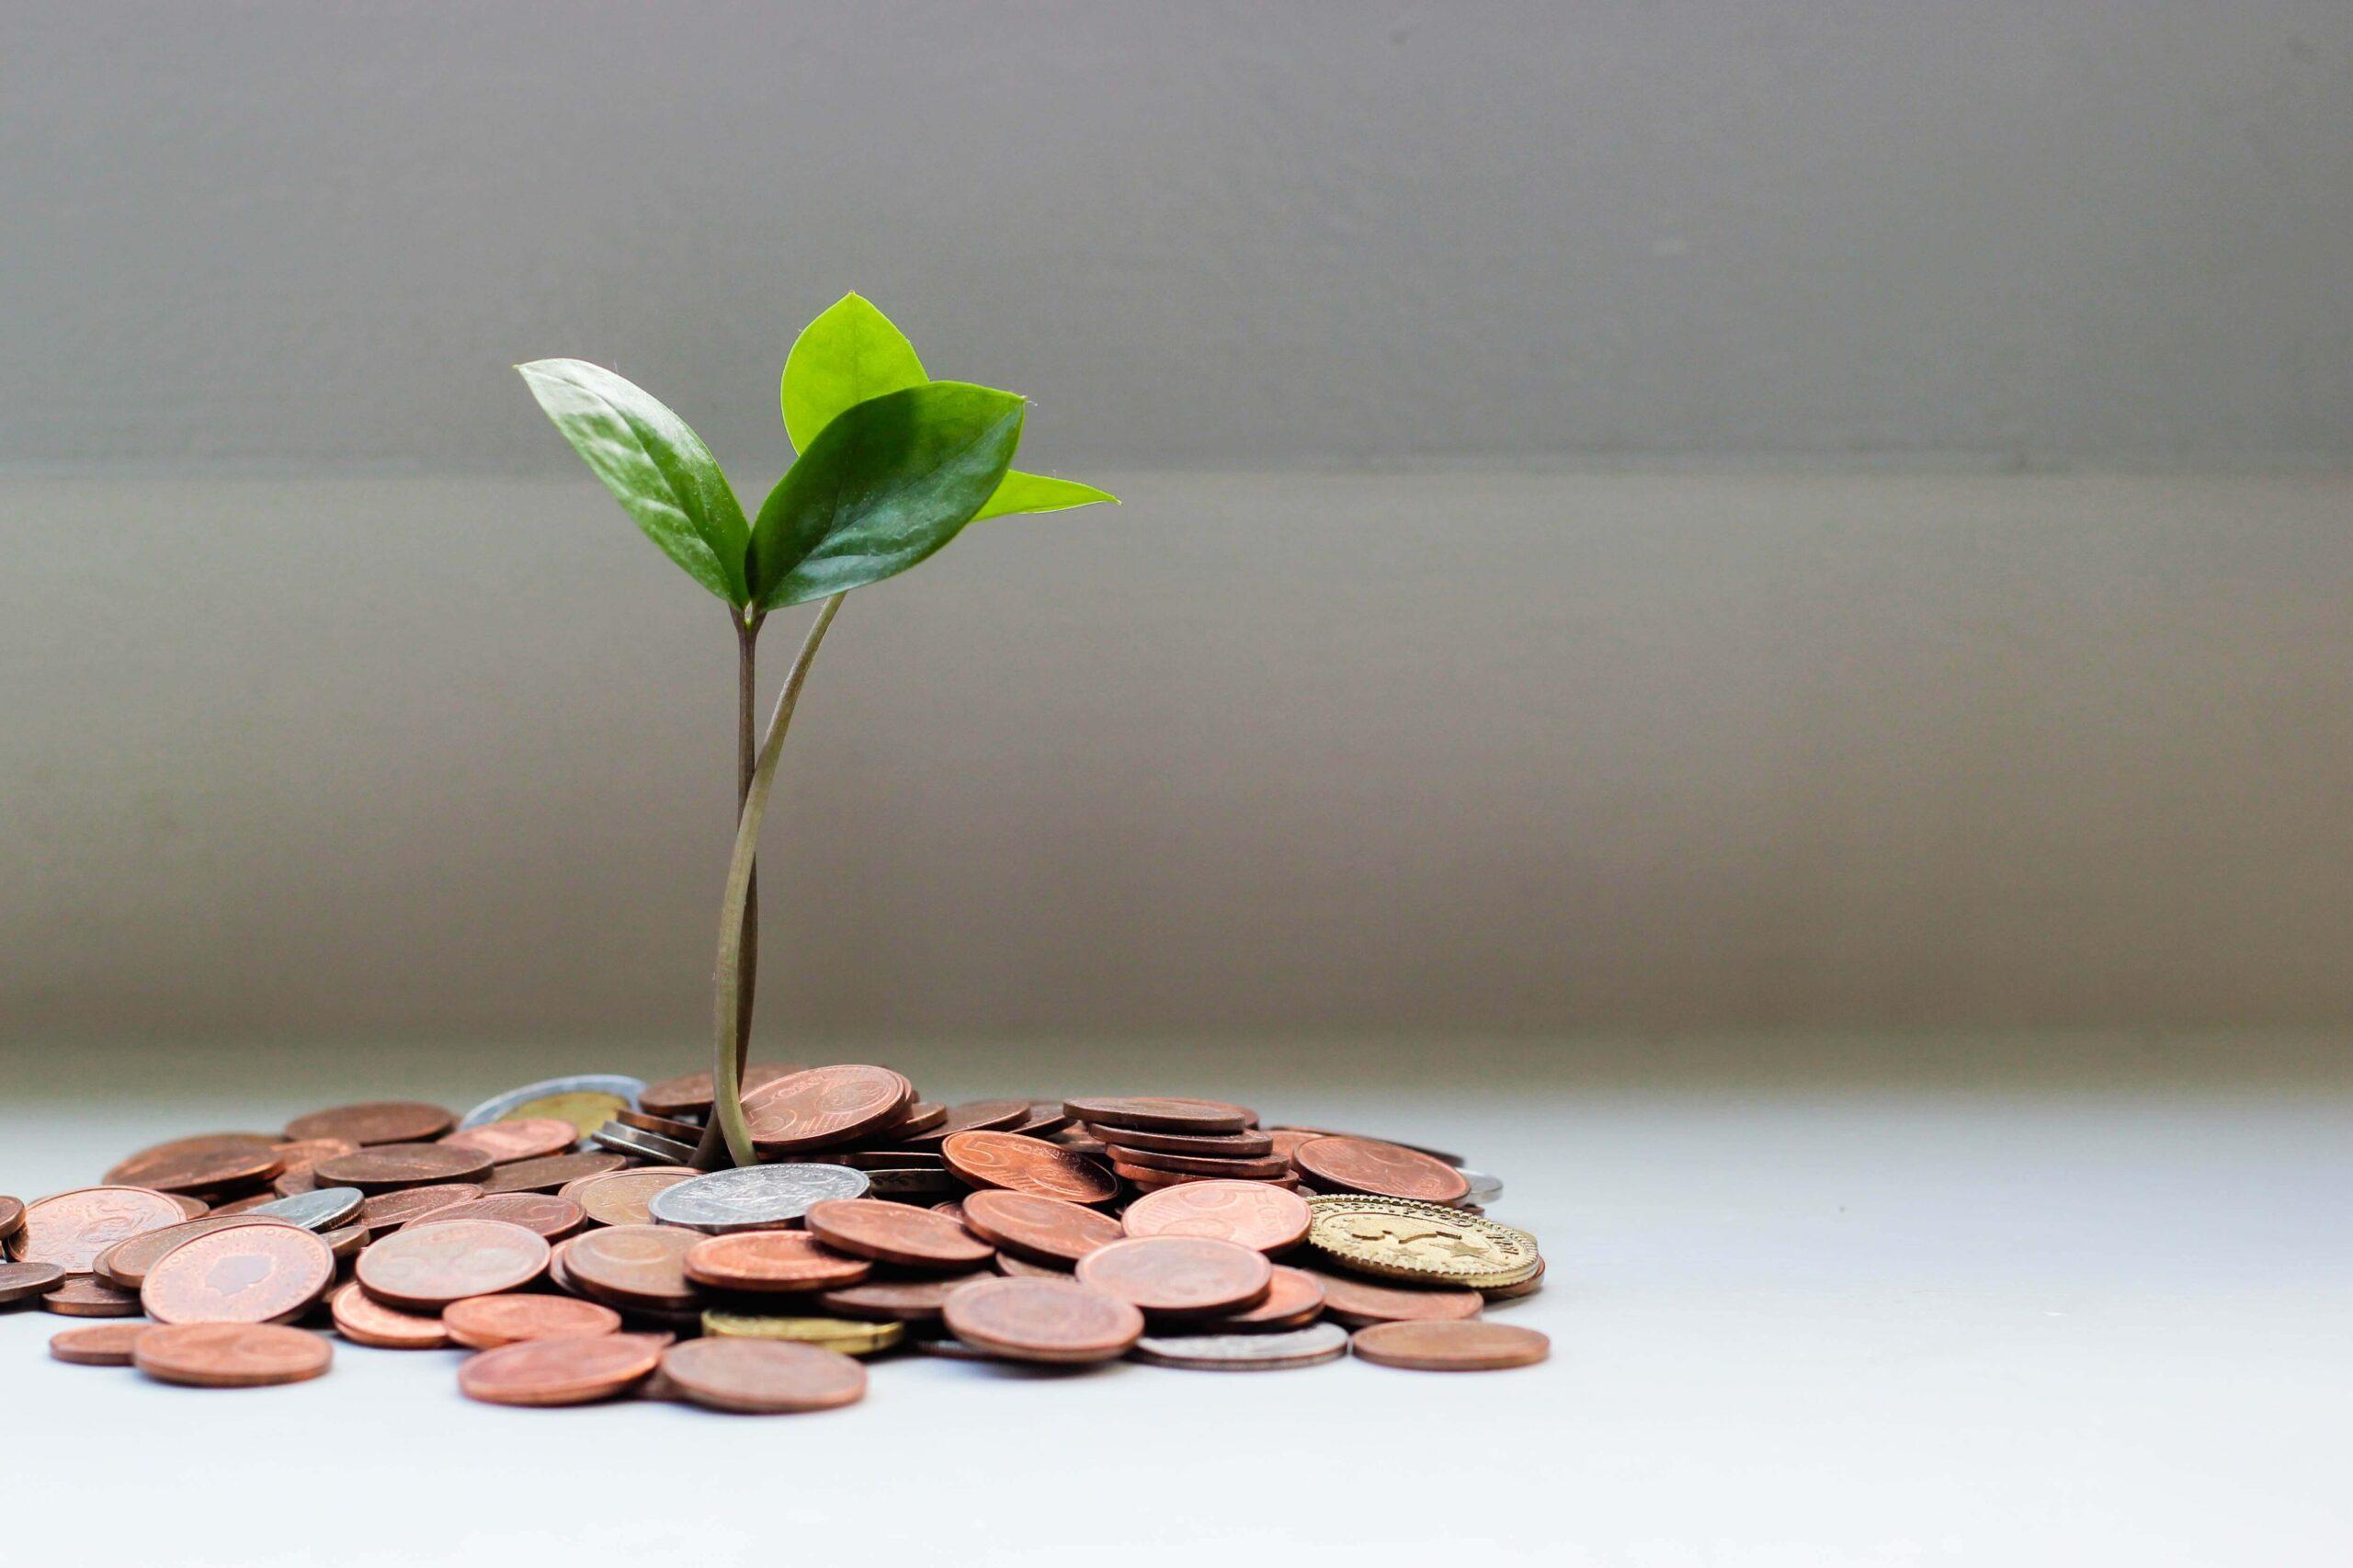 【仮想通貨】たった6ヶ月でお金が勝手に5倍増えた話